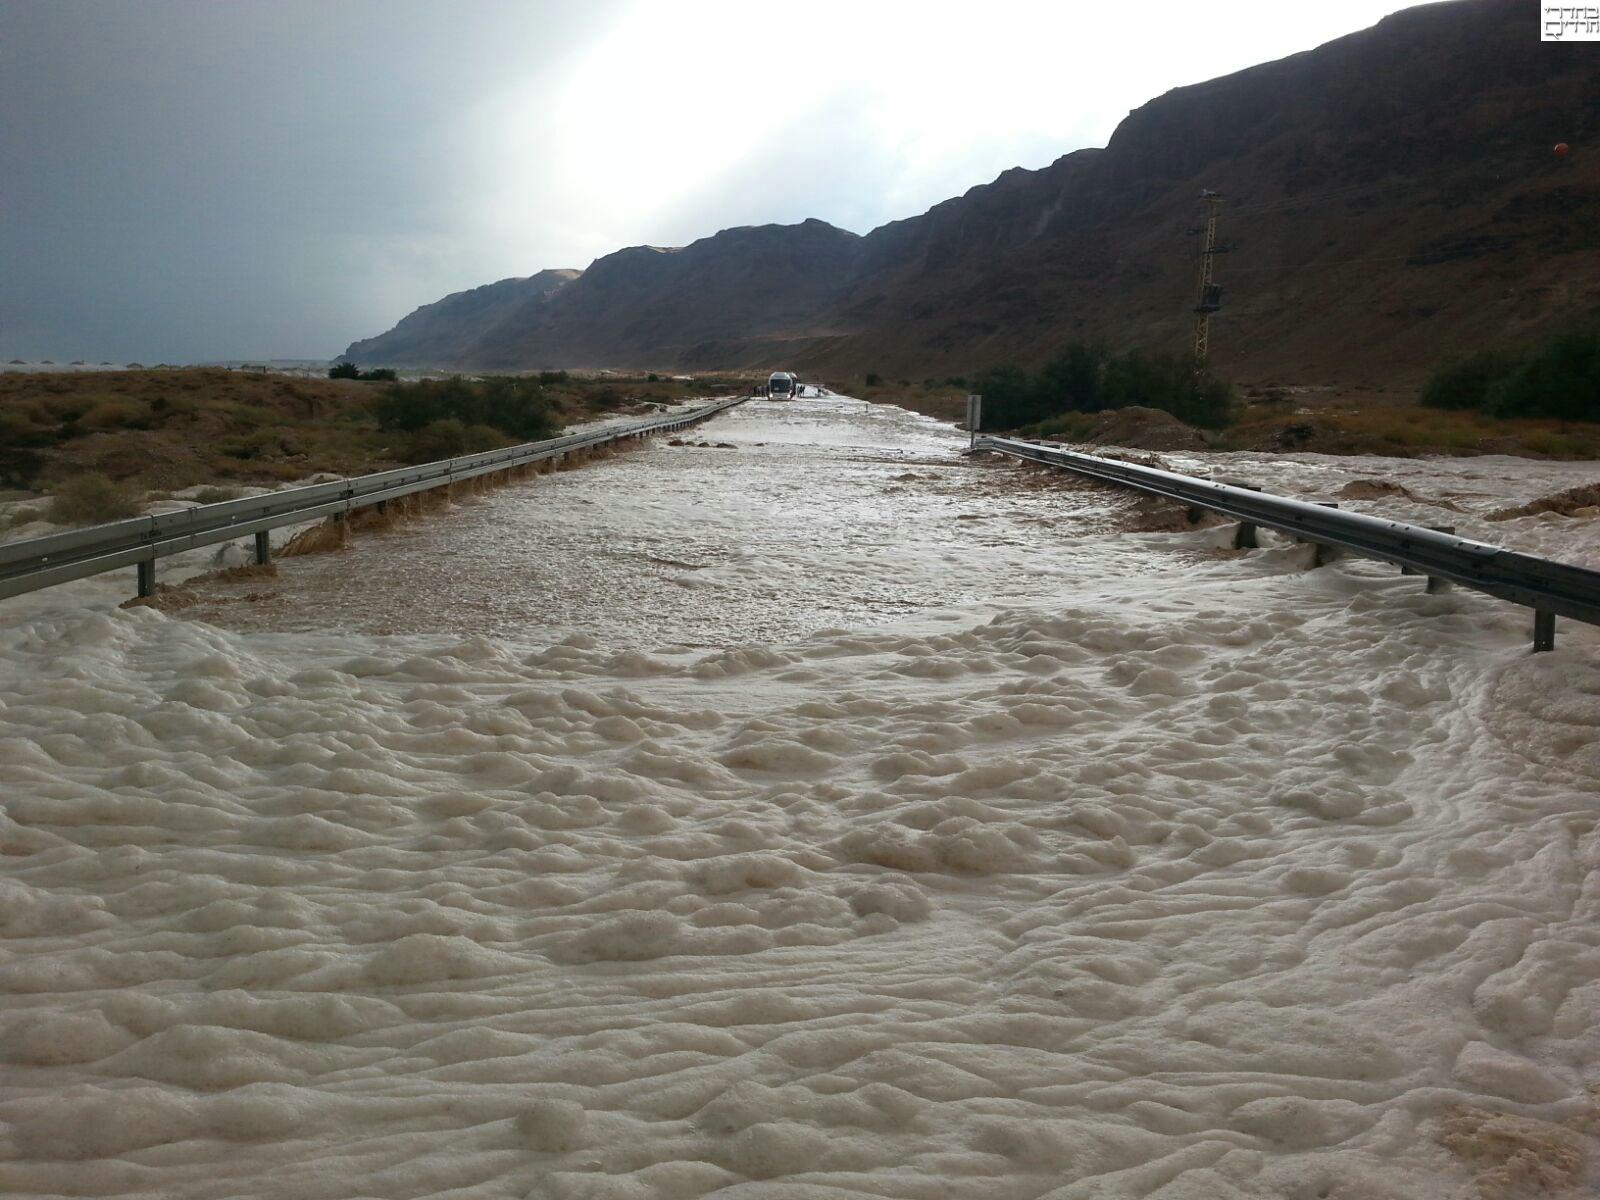 מה רבו מעשיך • צפו: שטפונות במדבר יהודה